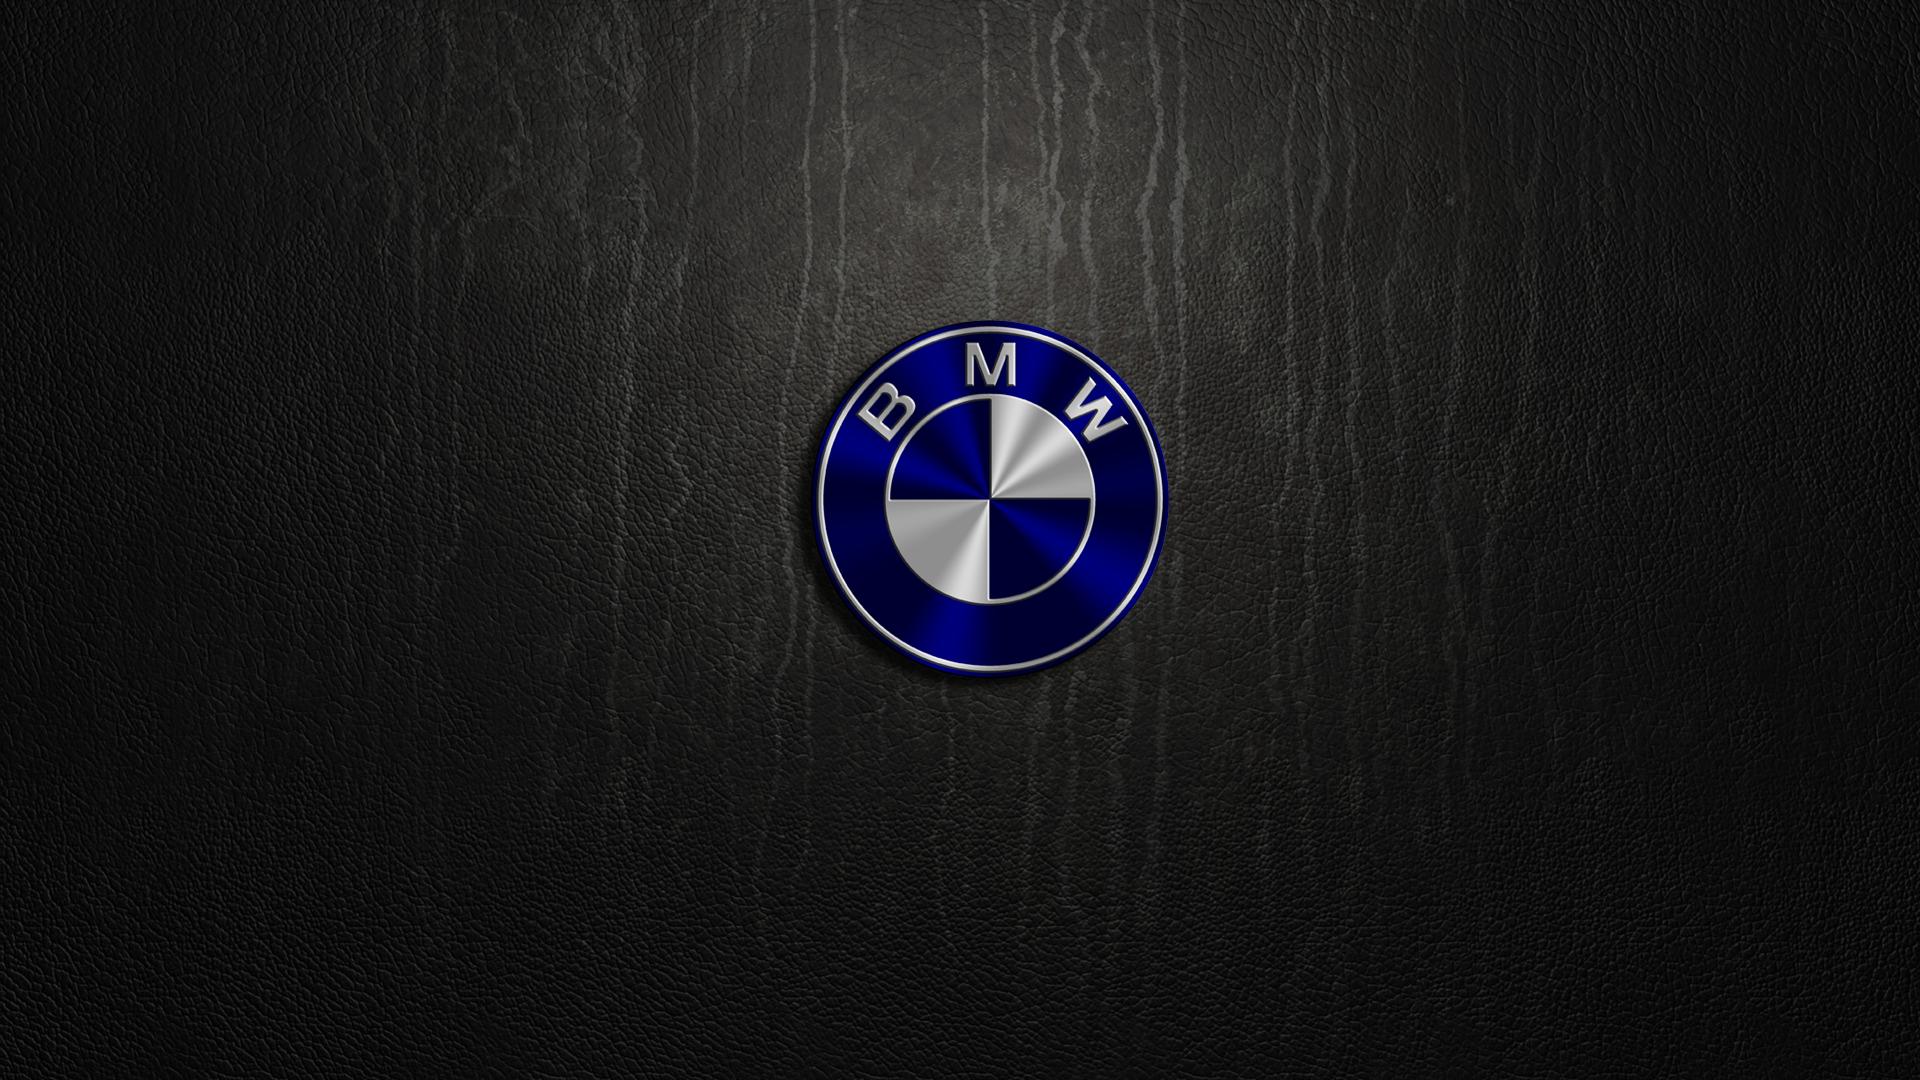 Top Wallpaper Logo Bmw - 74fdac17d1bd558731fb9b1435257a79  2018_18762.png